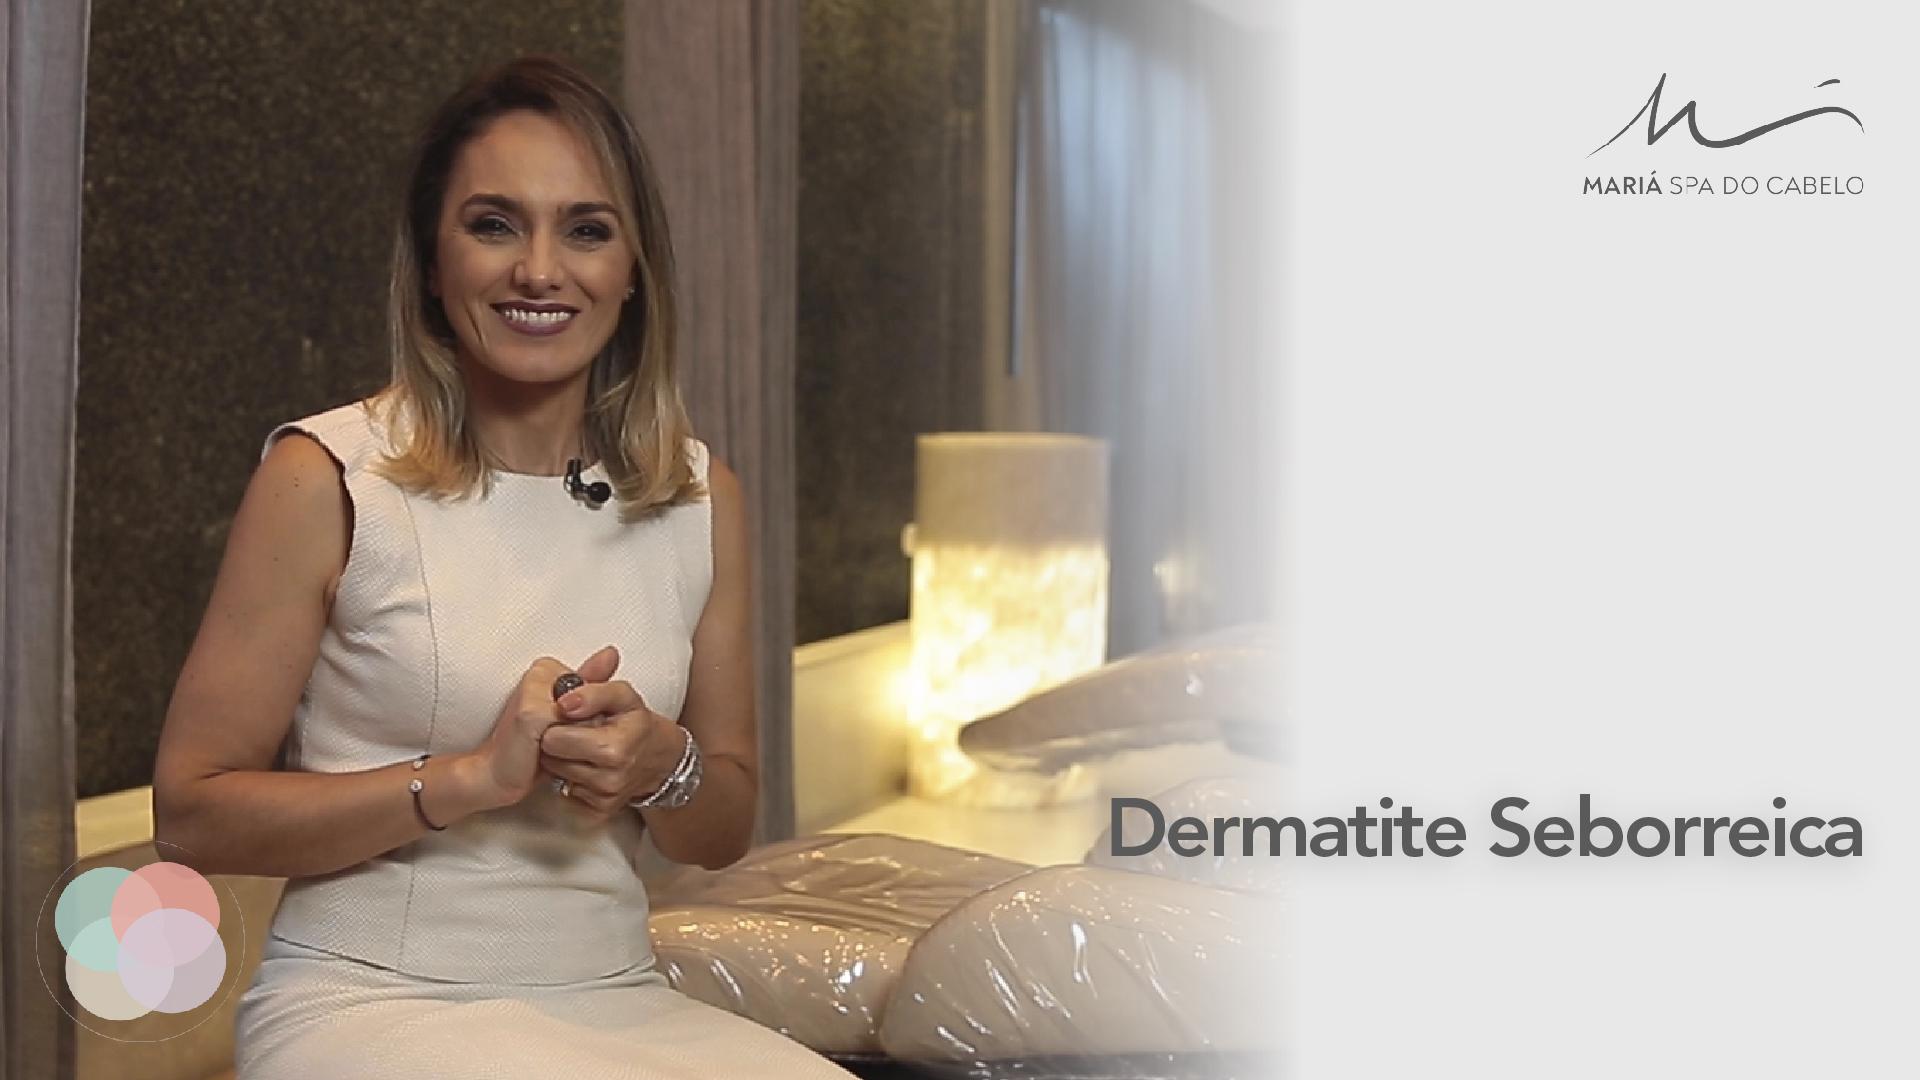 Dermatite seborreica: como tratar?